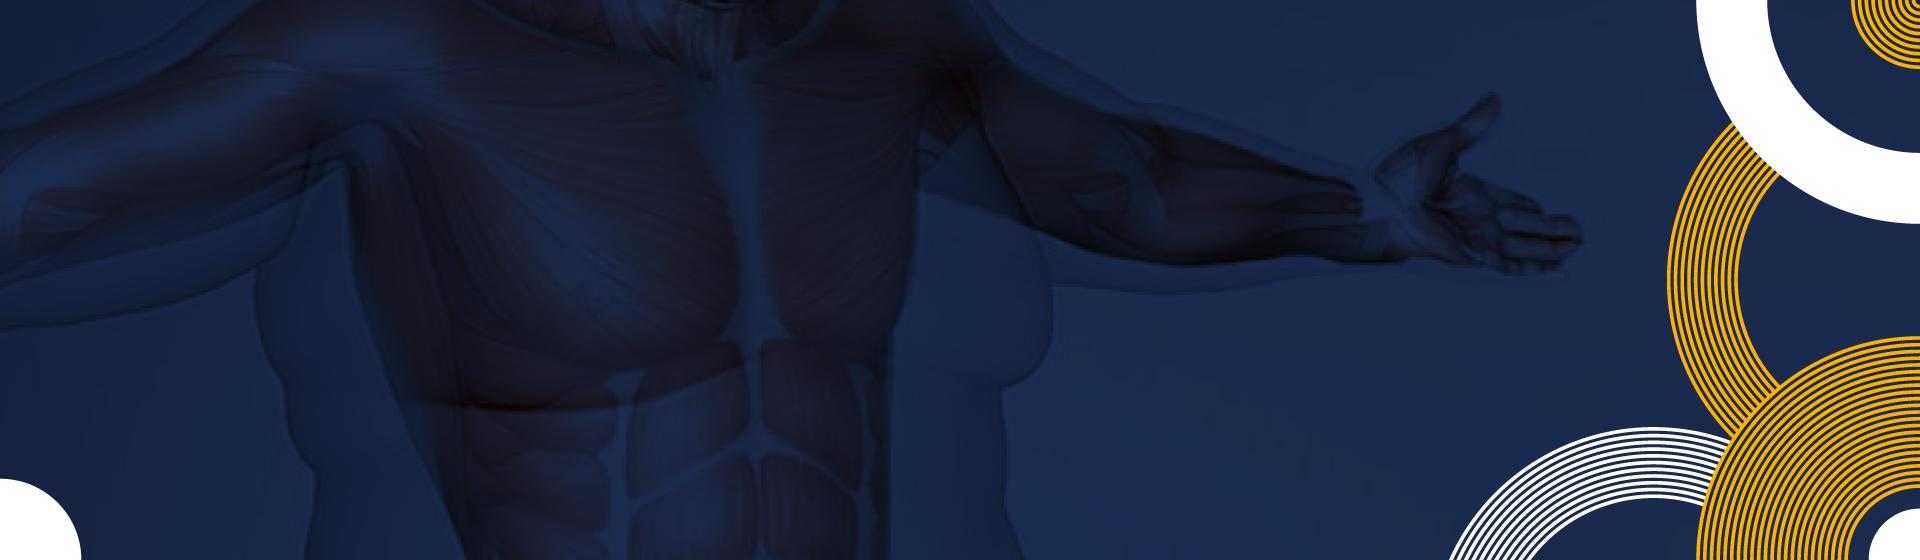 Emagrecimento e metabolismo dudu 1920x560px